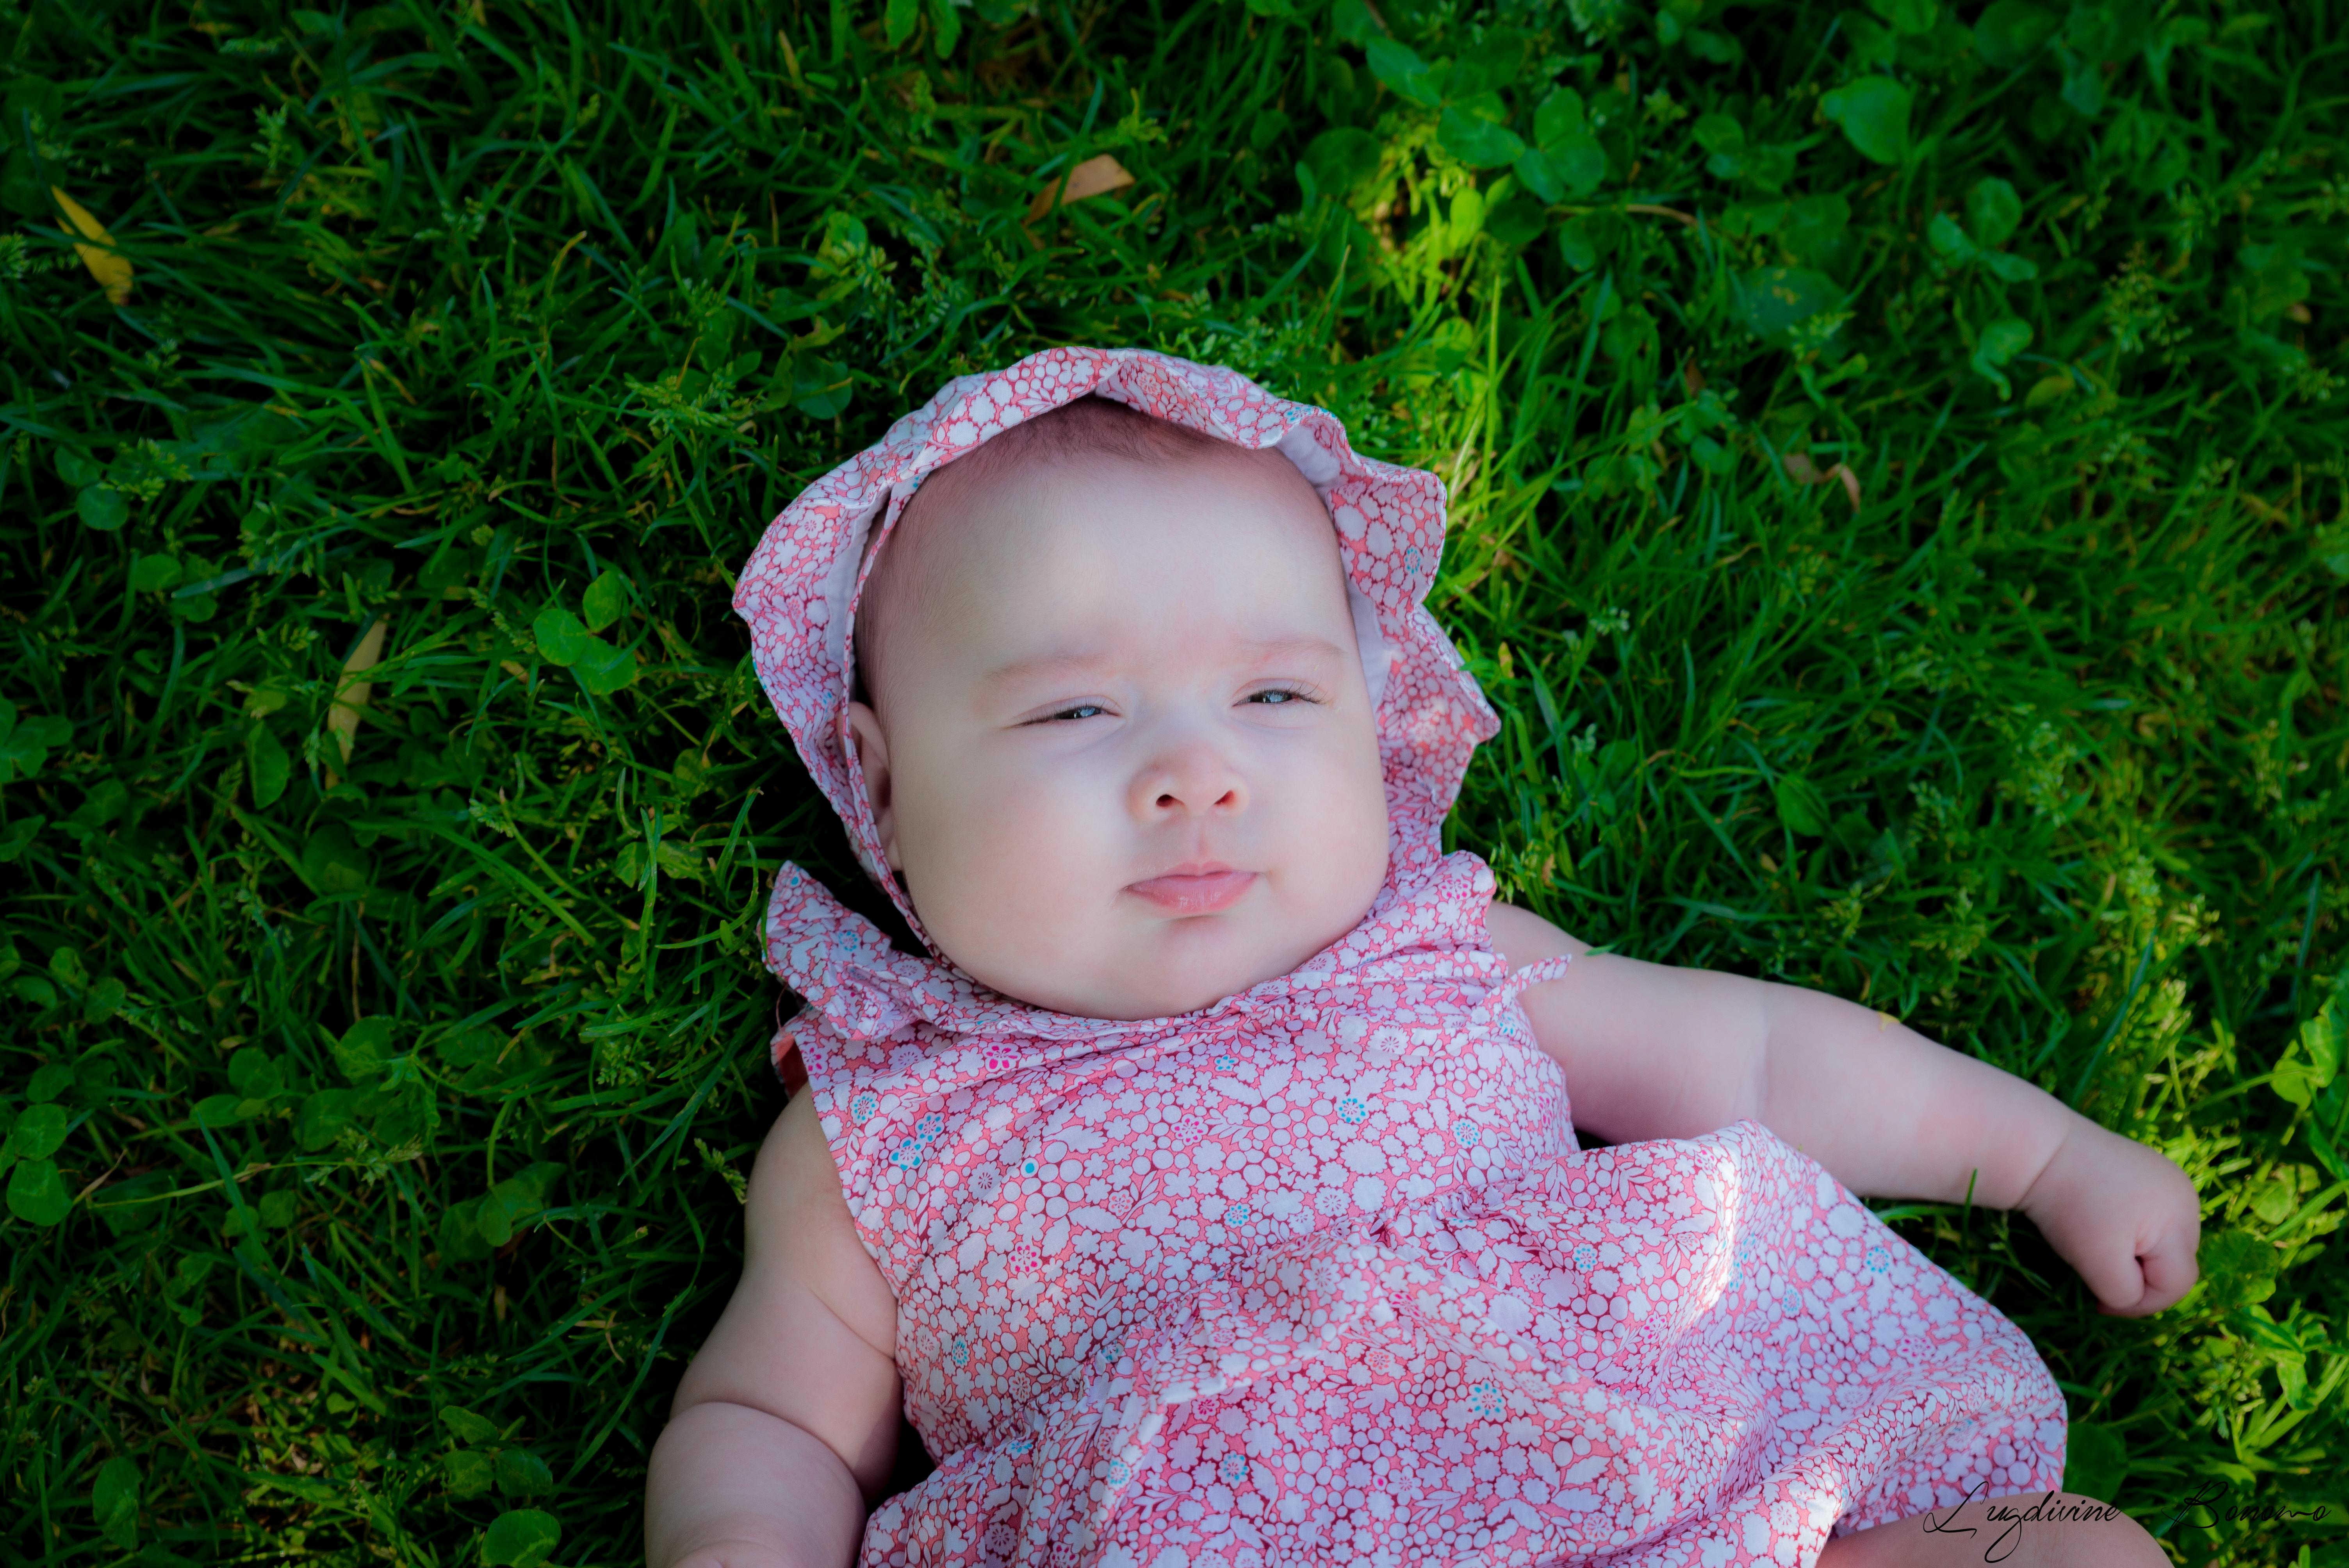 séance photo bébé 6 mois domicile